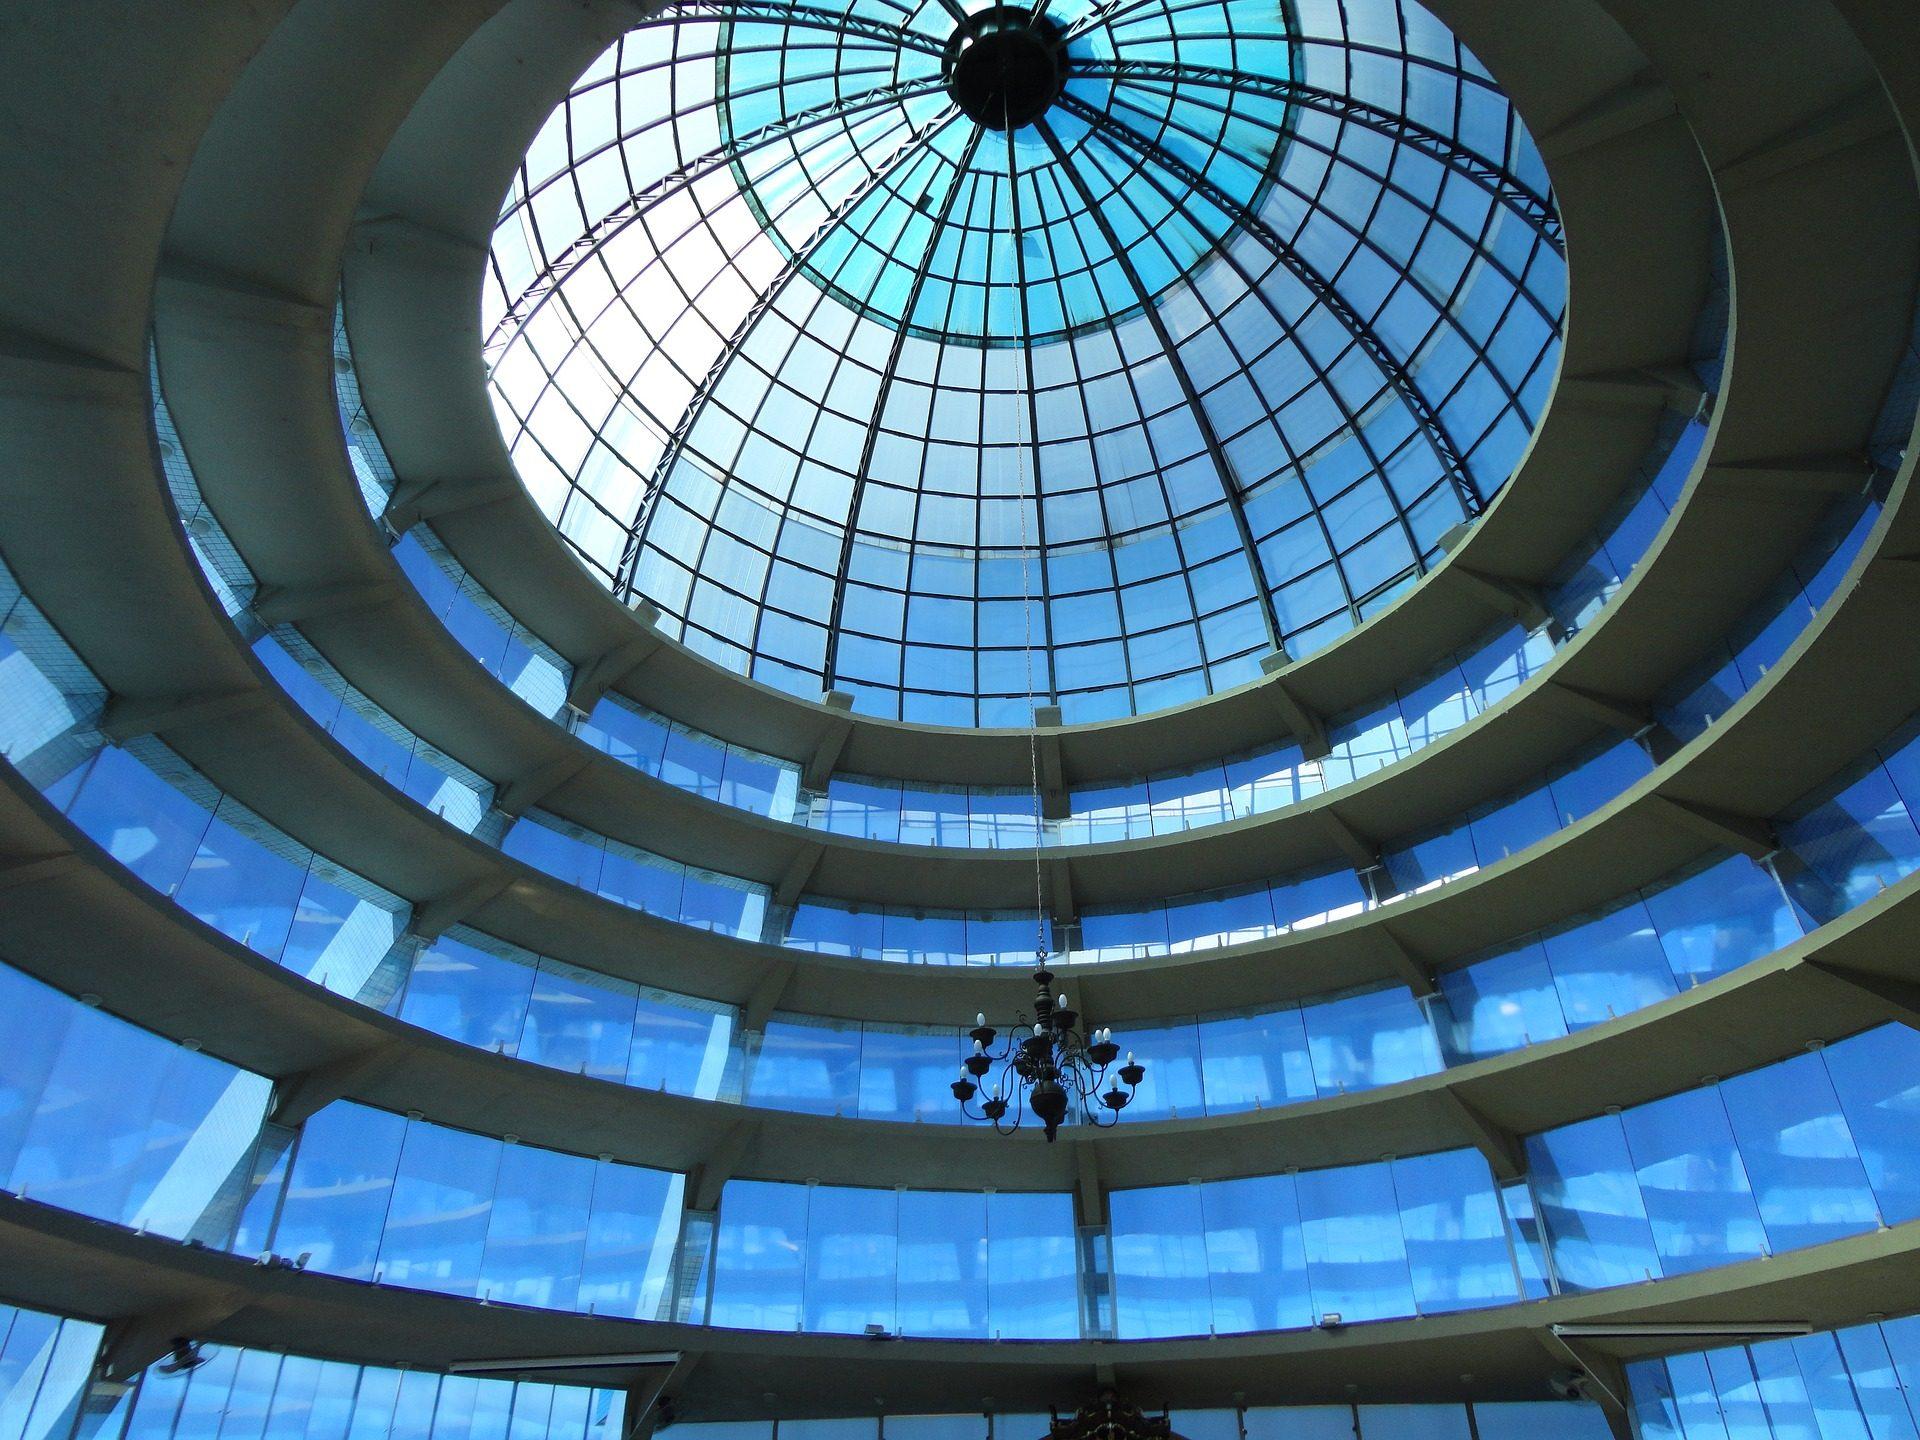 बिल्डिंग, क्रिस्टल, कोष्ठ, वास्तुकला, प्रकाश - HD वॉलपेपर - प्रोफेसर-falken.com